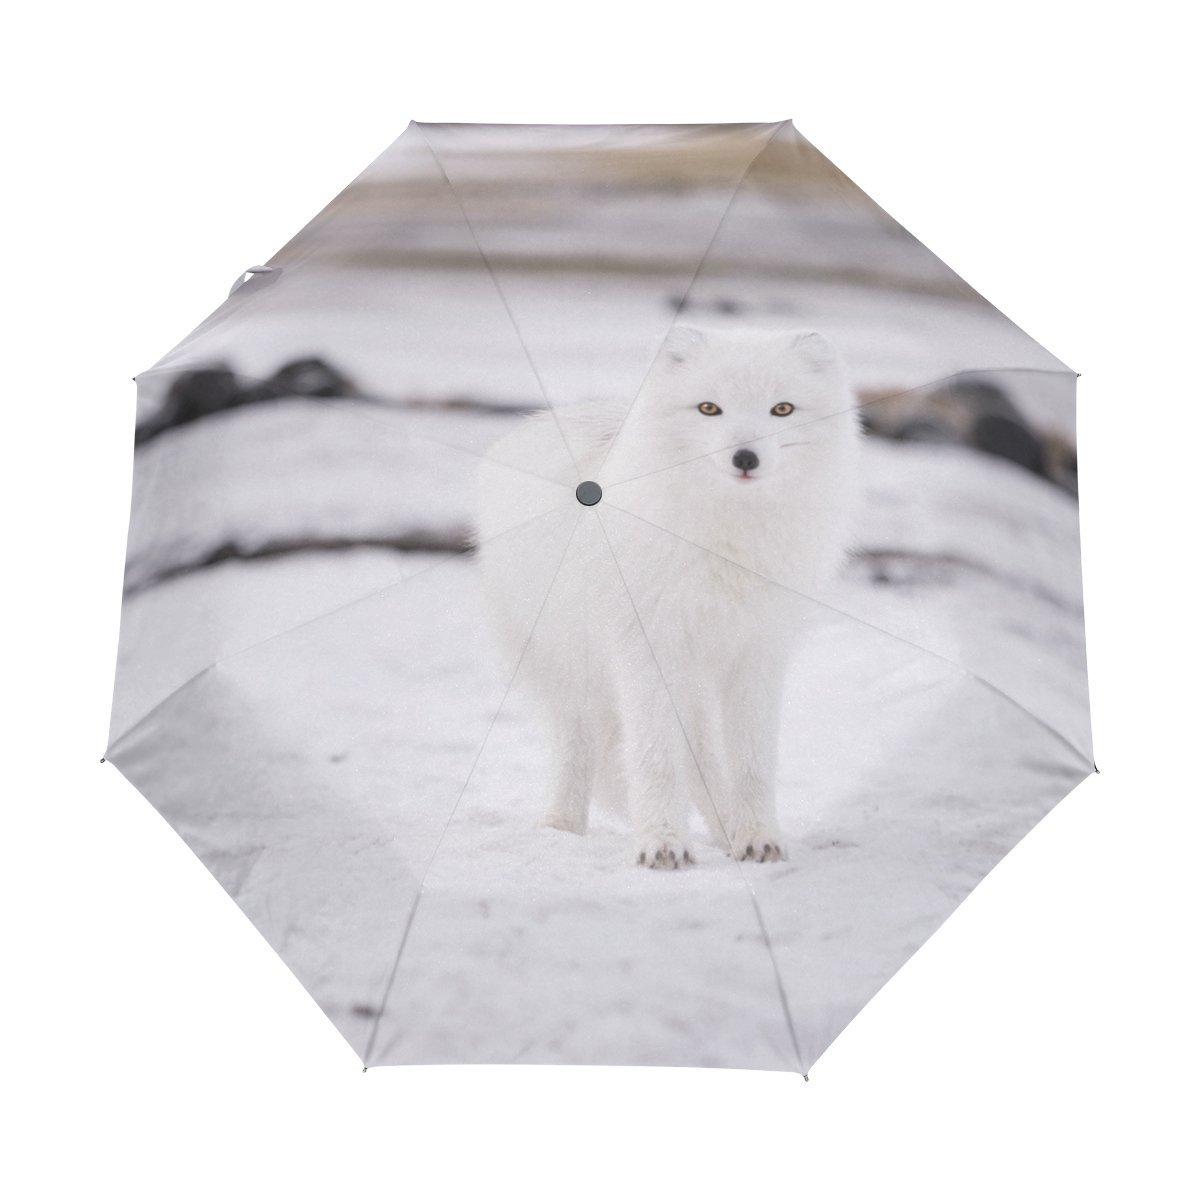 Ieararfre Arctic Fox - Paraguas Compacto de Viaje Resistente al Viento y al Viento, Impermeable, Apertura automática y botón de Cierre: Amazon.es: Deportes ...